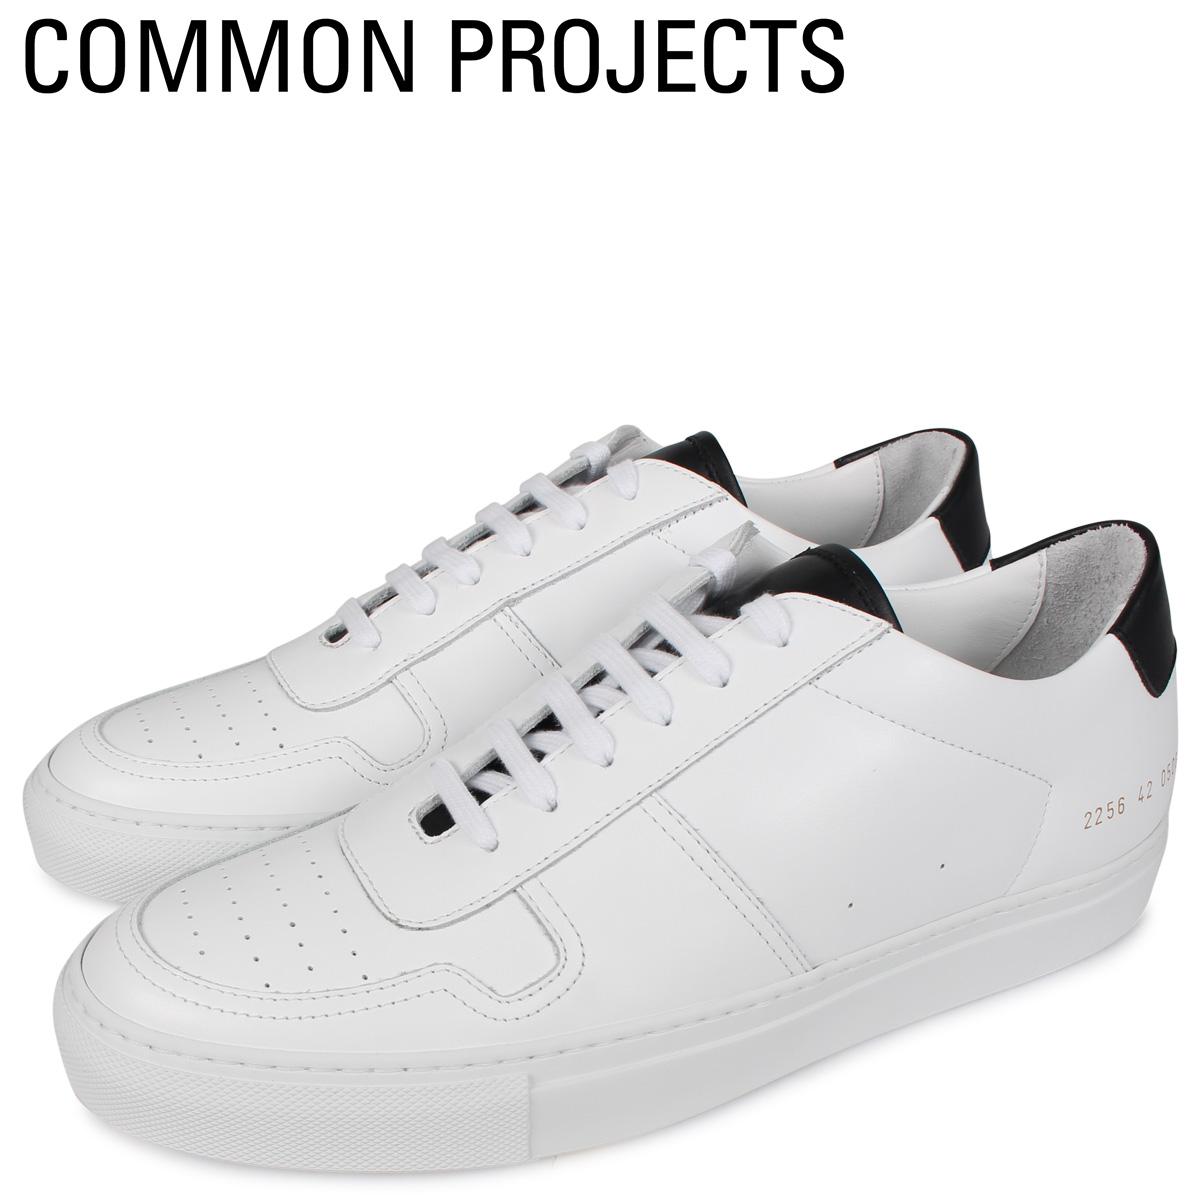 Common Projects コモンプロジェクト ボール ロー レトロ スニーカー メンズ BALL LOW RETRO ホワイト 白 2256-0506 [4/2新入荷]